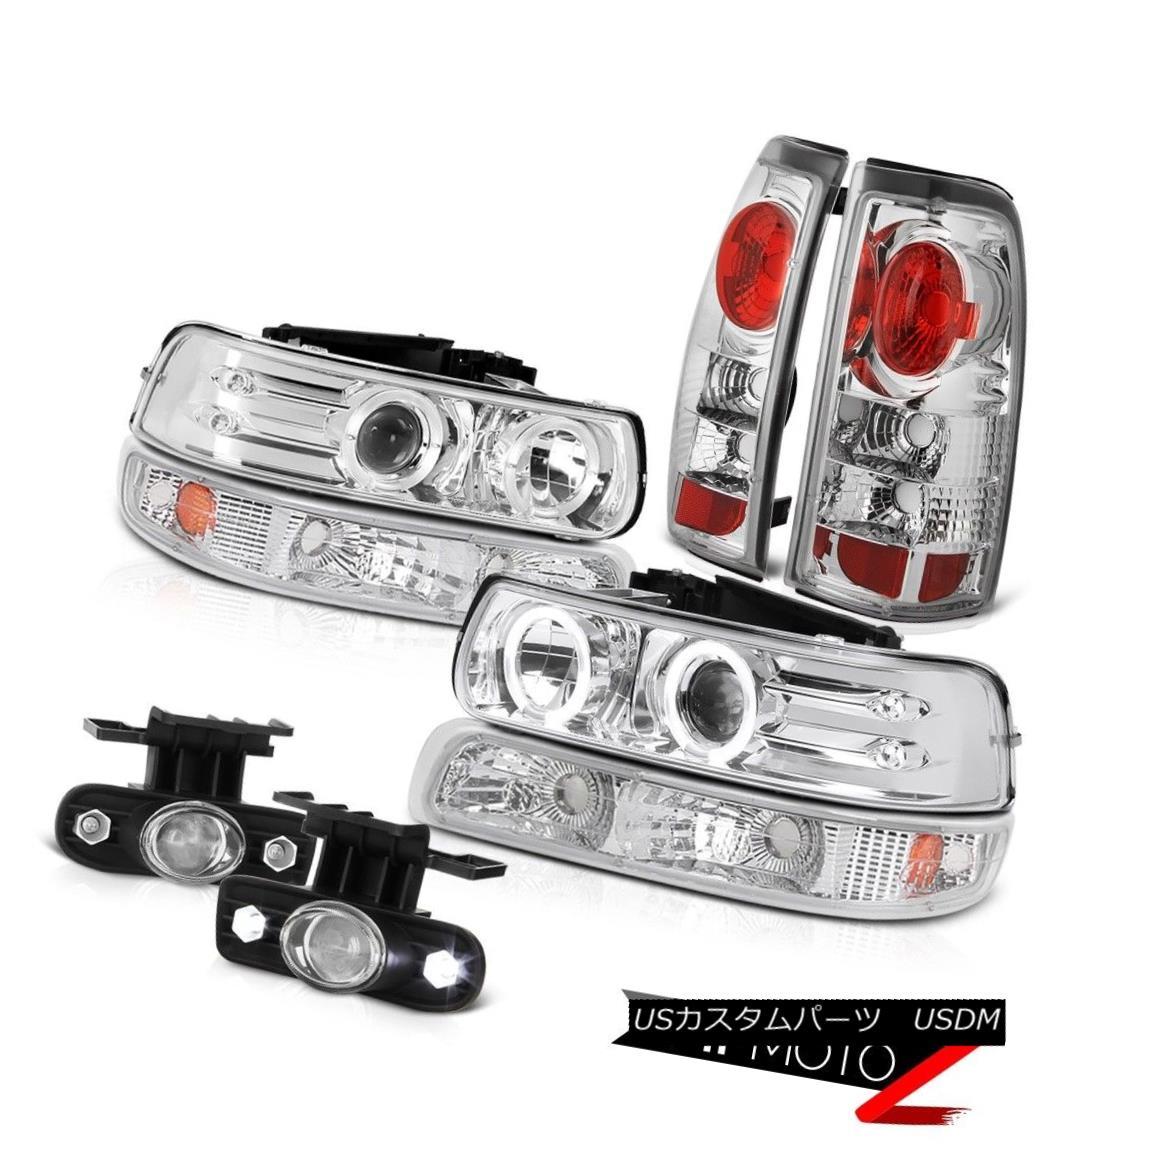 ヘッドライト Chrome Projector Headlamps Bumper Brake Lights Euro Fog 99 00 01 02 Silverado WT クロームプロジェクターヘッドランプバンパーブレーキライトEuro Fog 99 00 01 02 Silverado WT